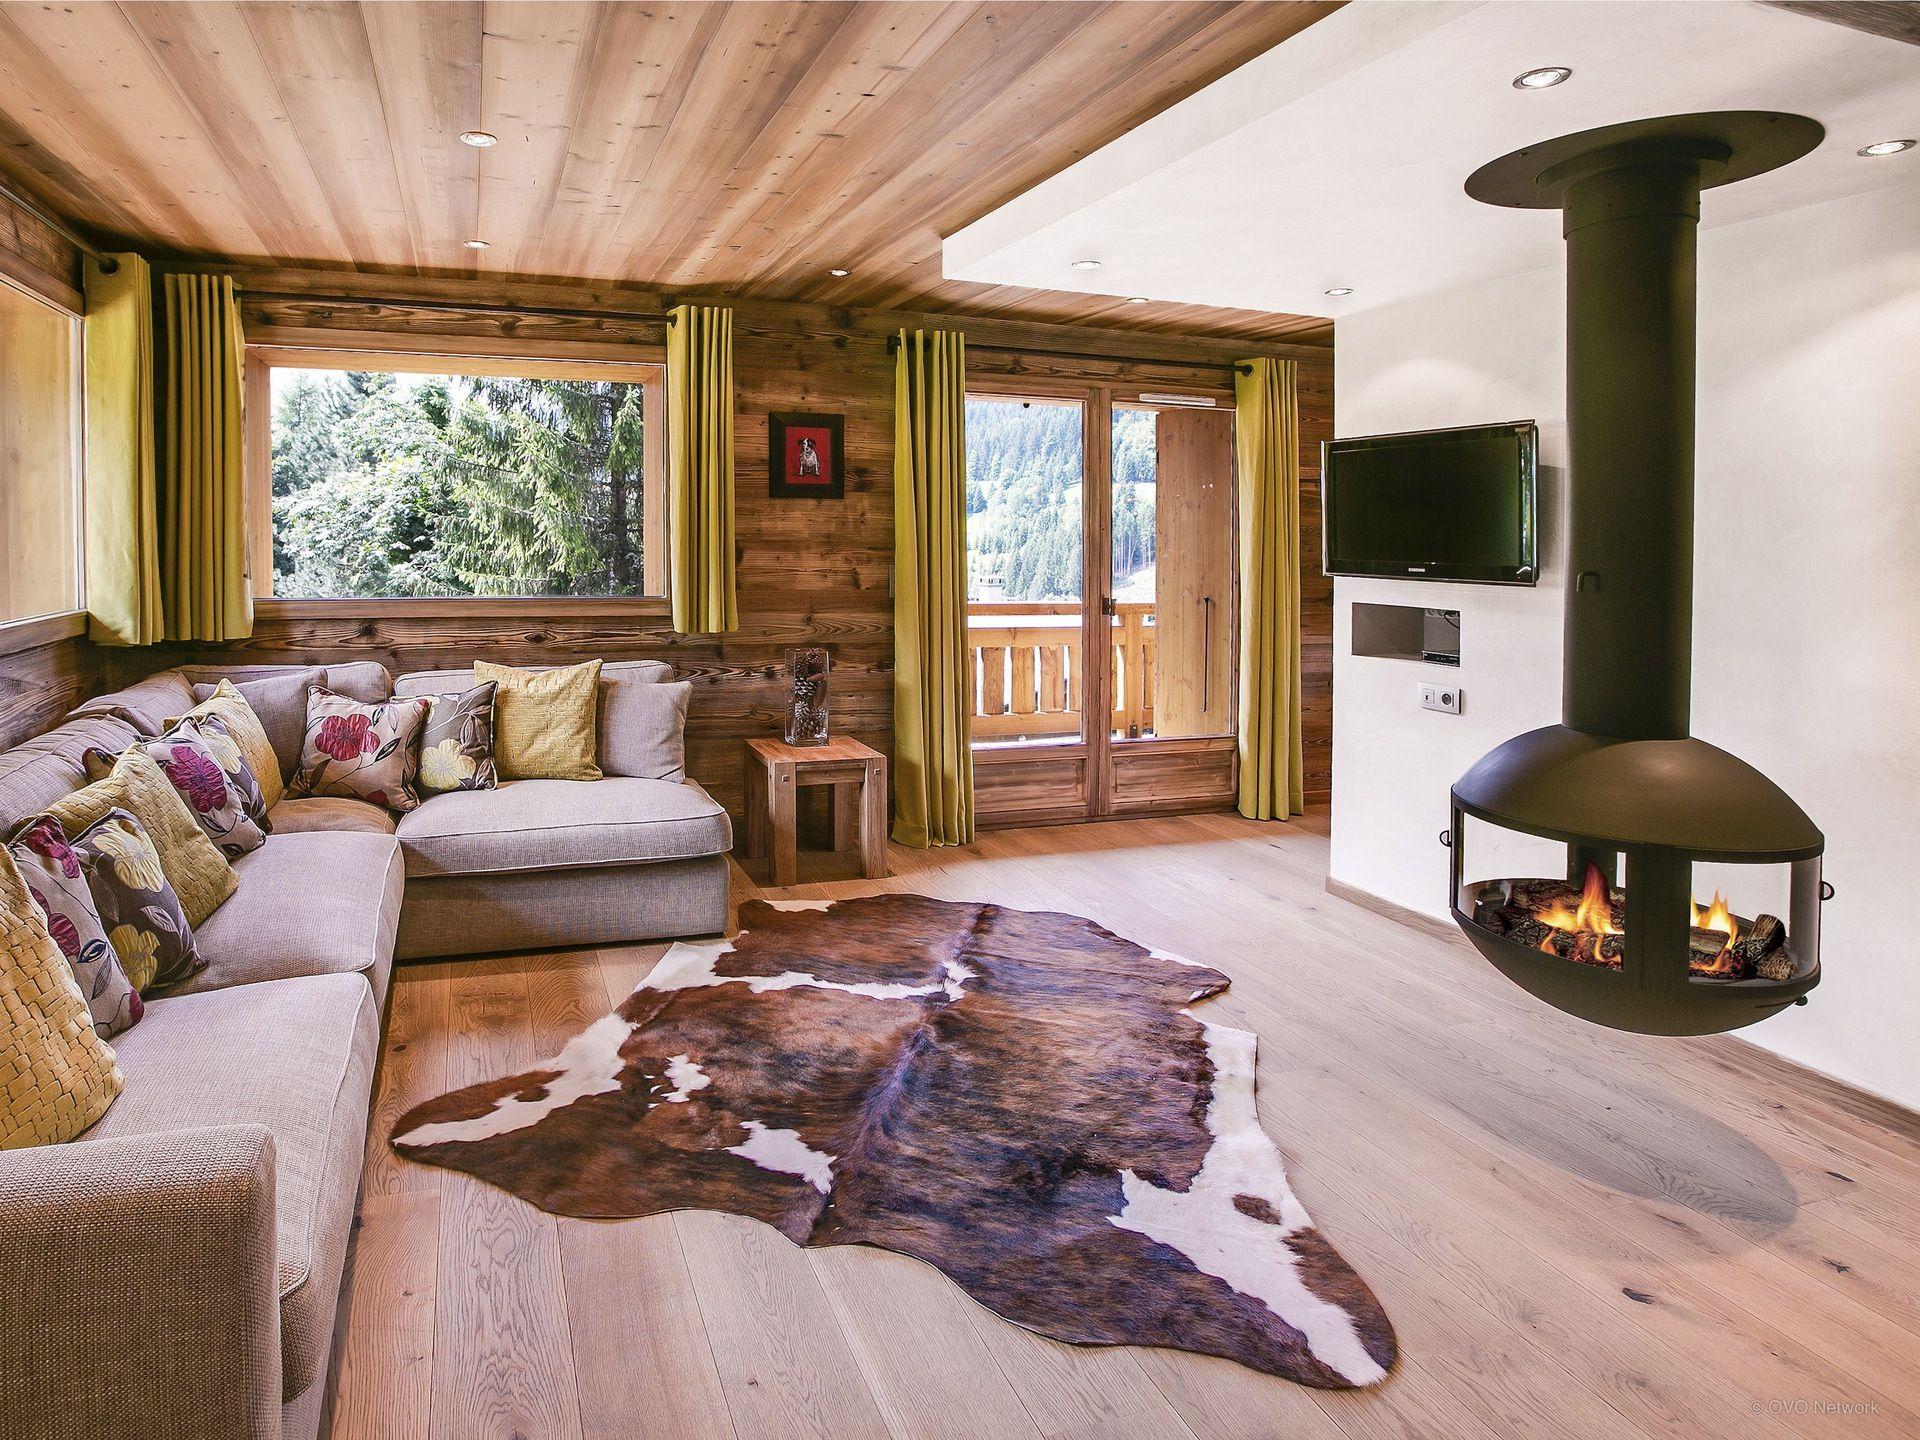 Elegant Domaine Skiable De La Clusaz, Chalet 4 Chambres, 3 Salles De Bains, Jacuzzi